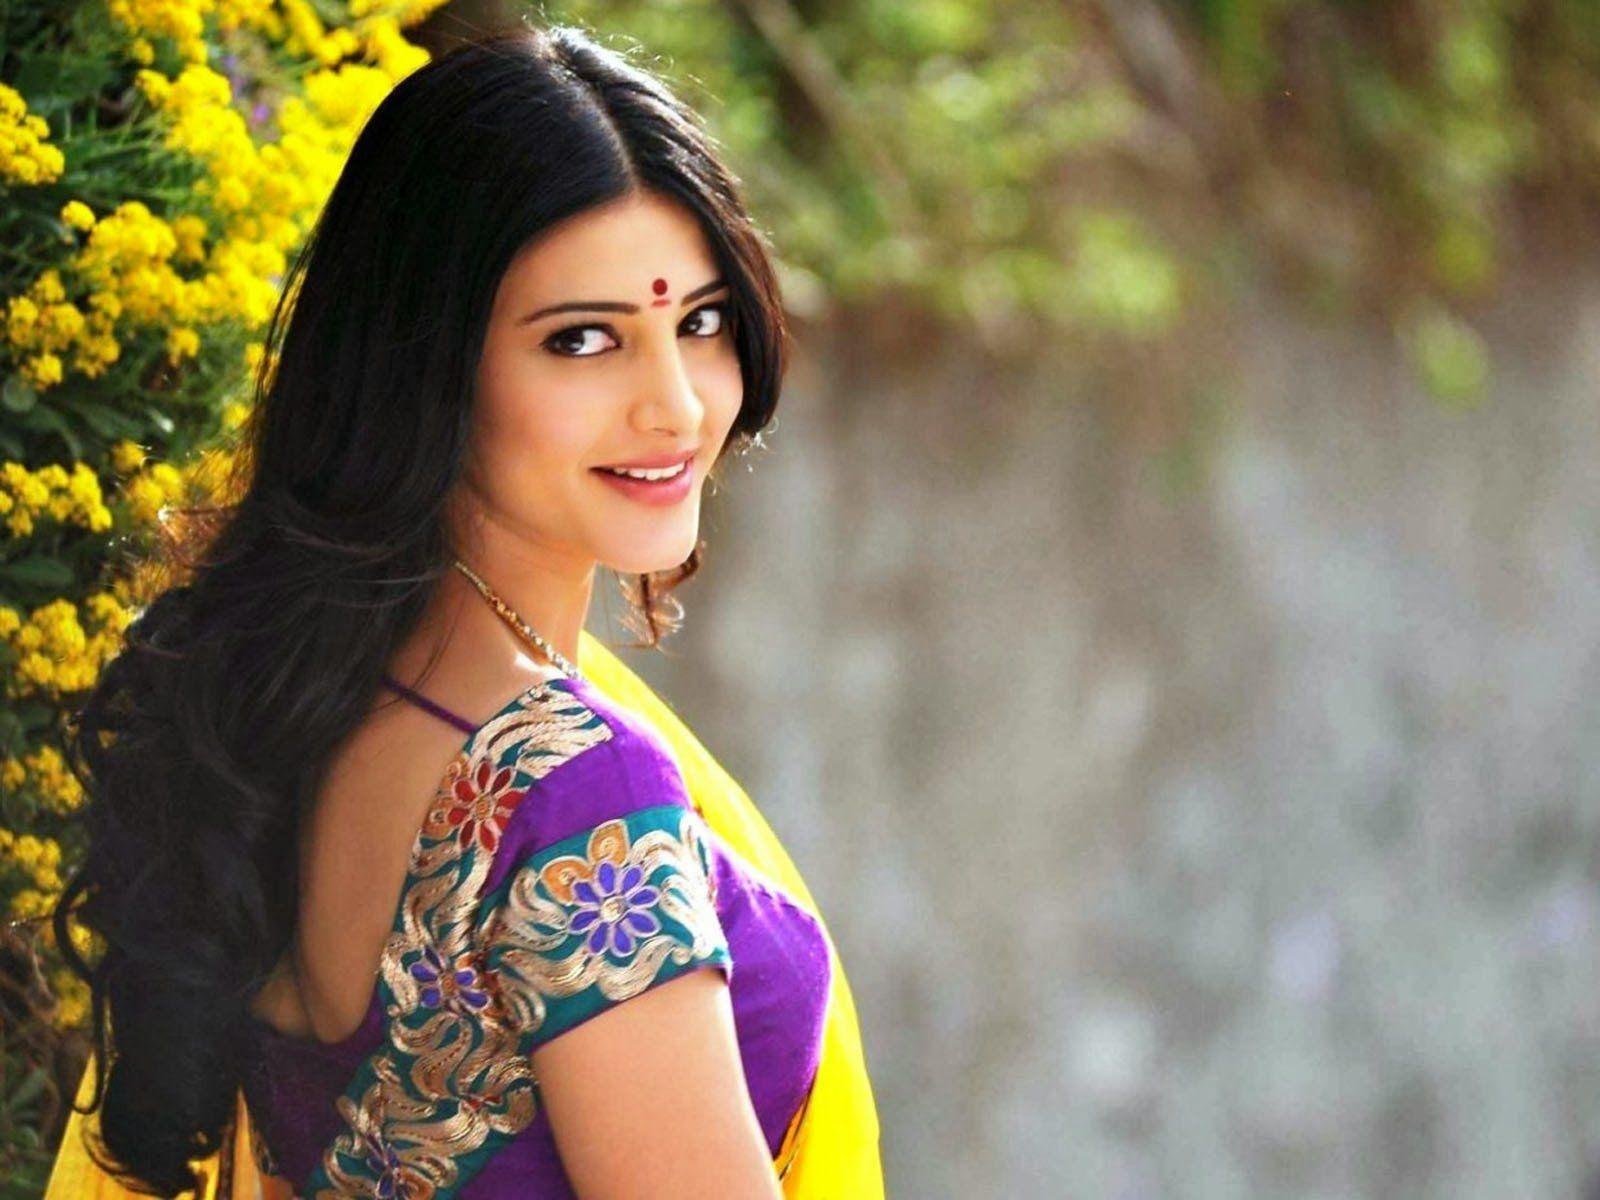 Saree Actress Hd Wallpapers 1080p Wallpapersafari Bollywood Wallpaper Shruti Hassan Actresses